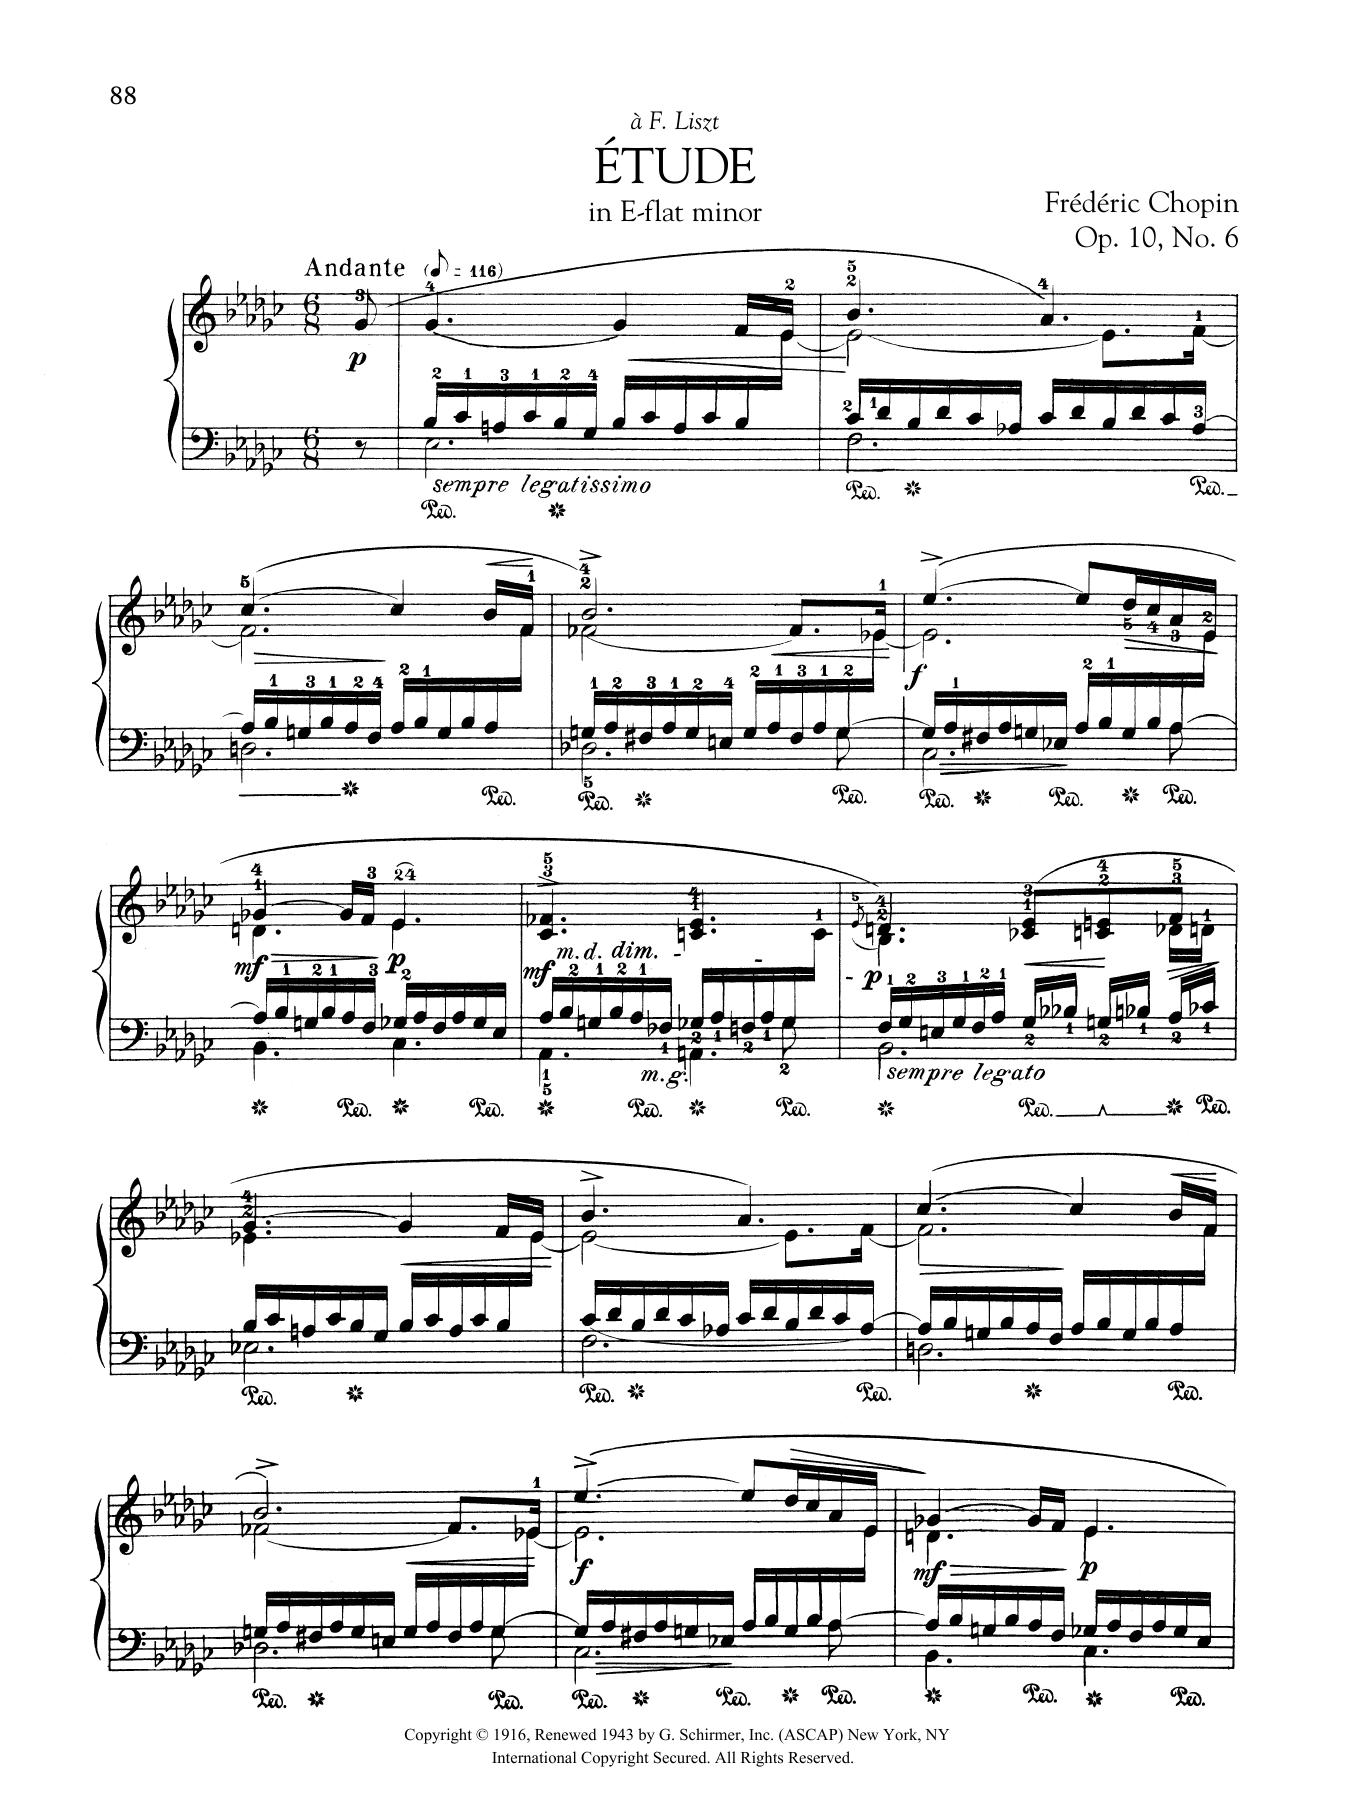 Etude in E-flat minor, Op  10, No  6 by Frederic Chopin Piano Solo Digital  Sheet Music